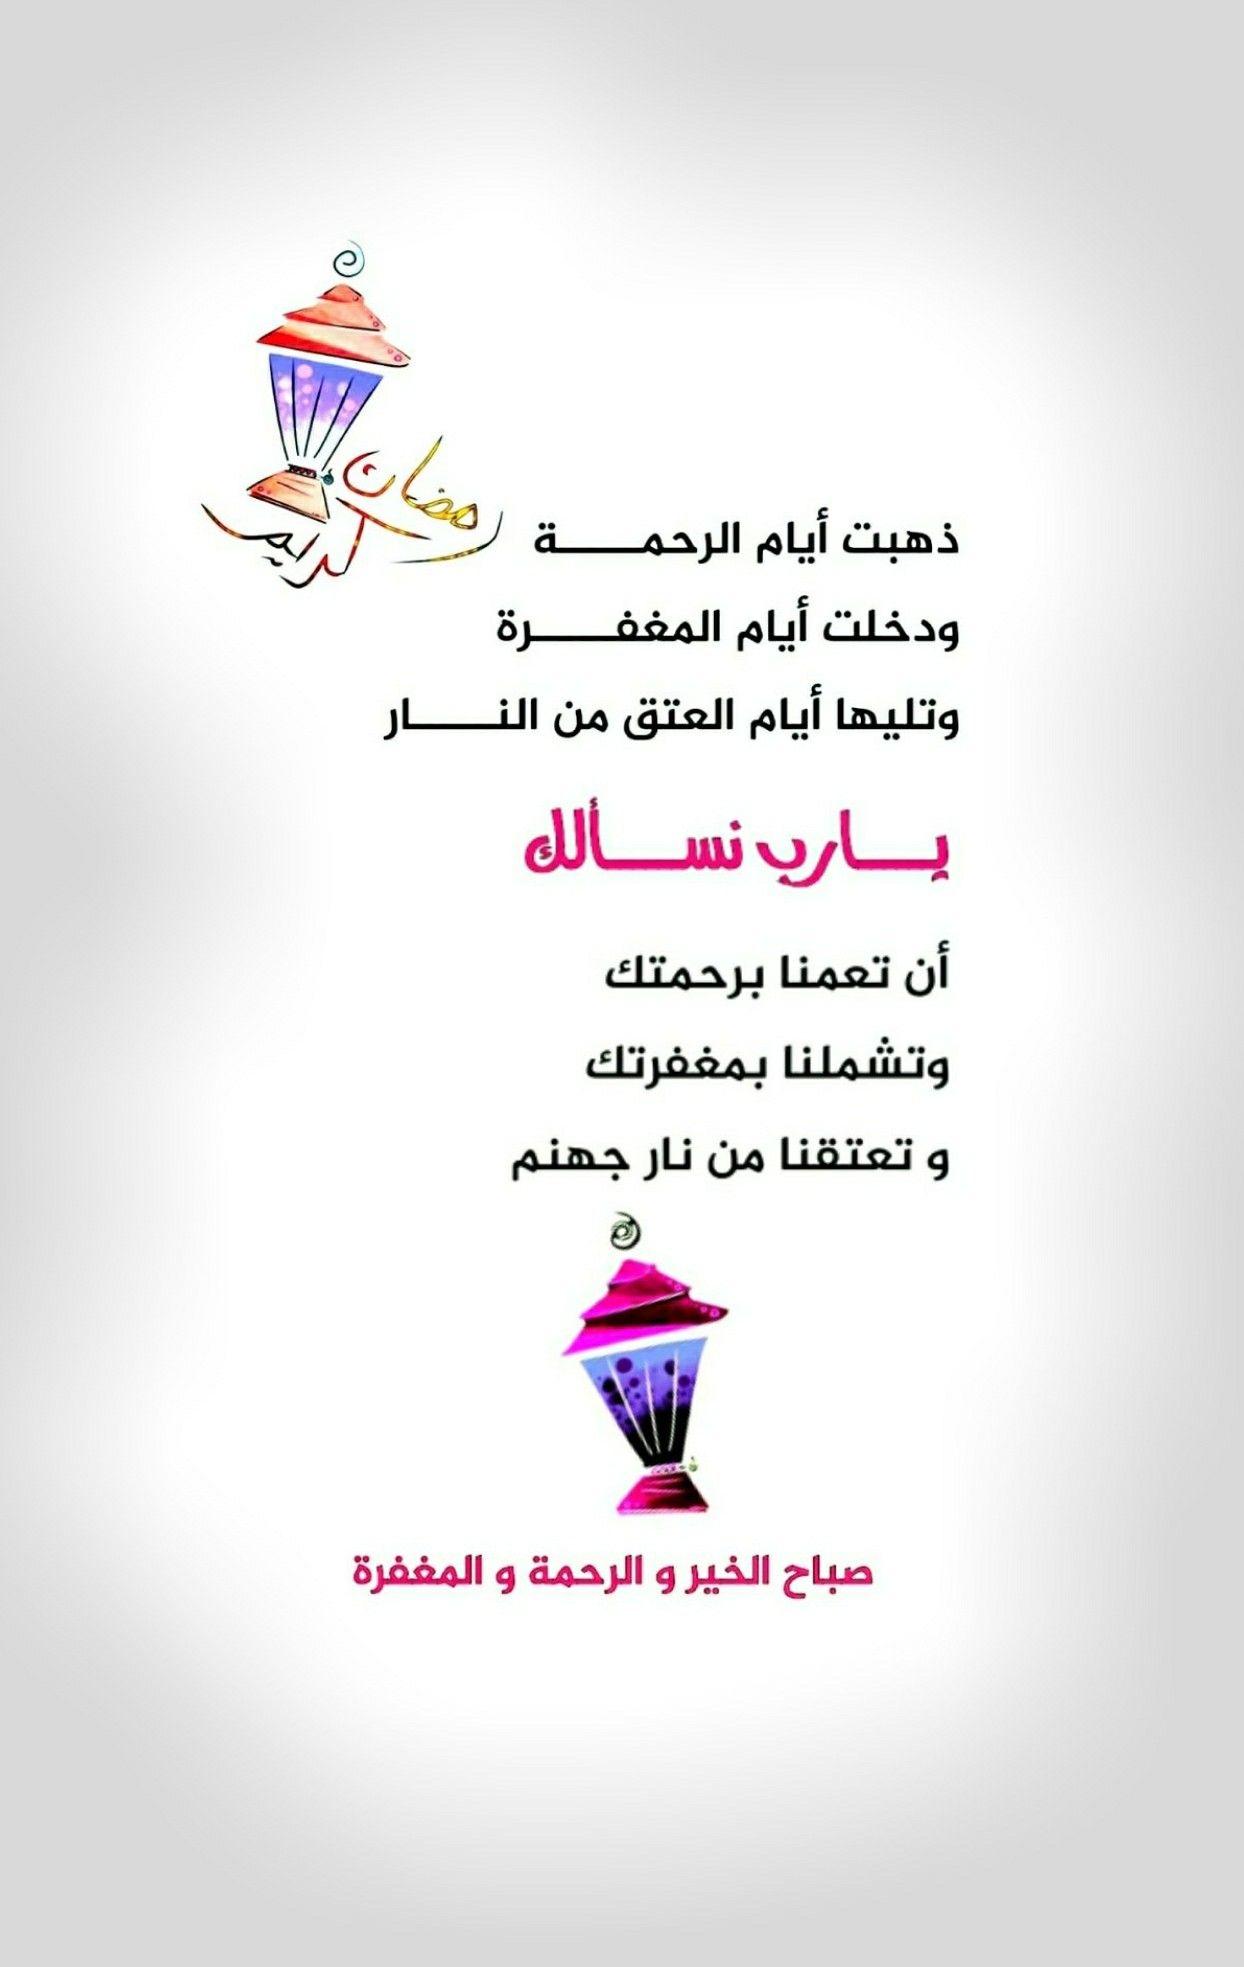 ذهبت أيام الرحمــــــہ ودخلت أيام المغفــــــرة وتليها أيام العتق من النــــــار يــــــارب نســــــألك أن تع Ramadan Ramadan Kareem Good Morning Greetings